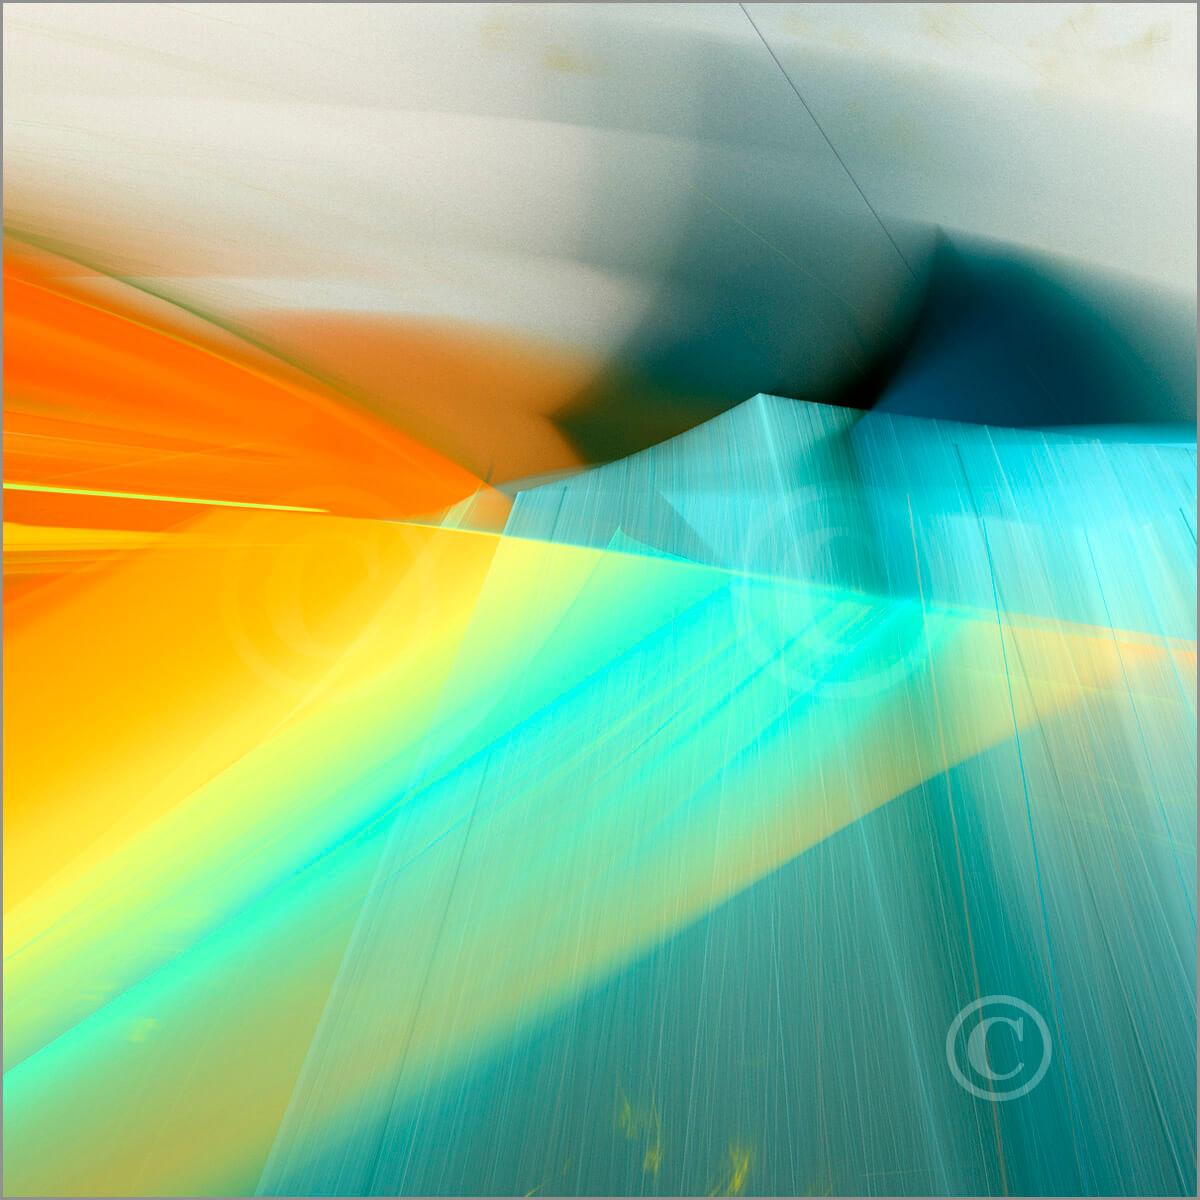 Colorshapes_F2_17785_M